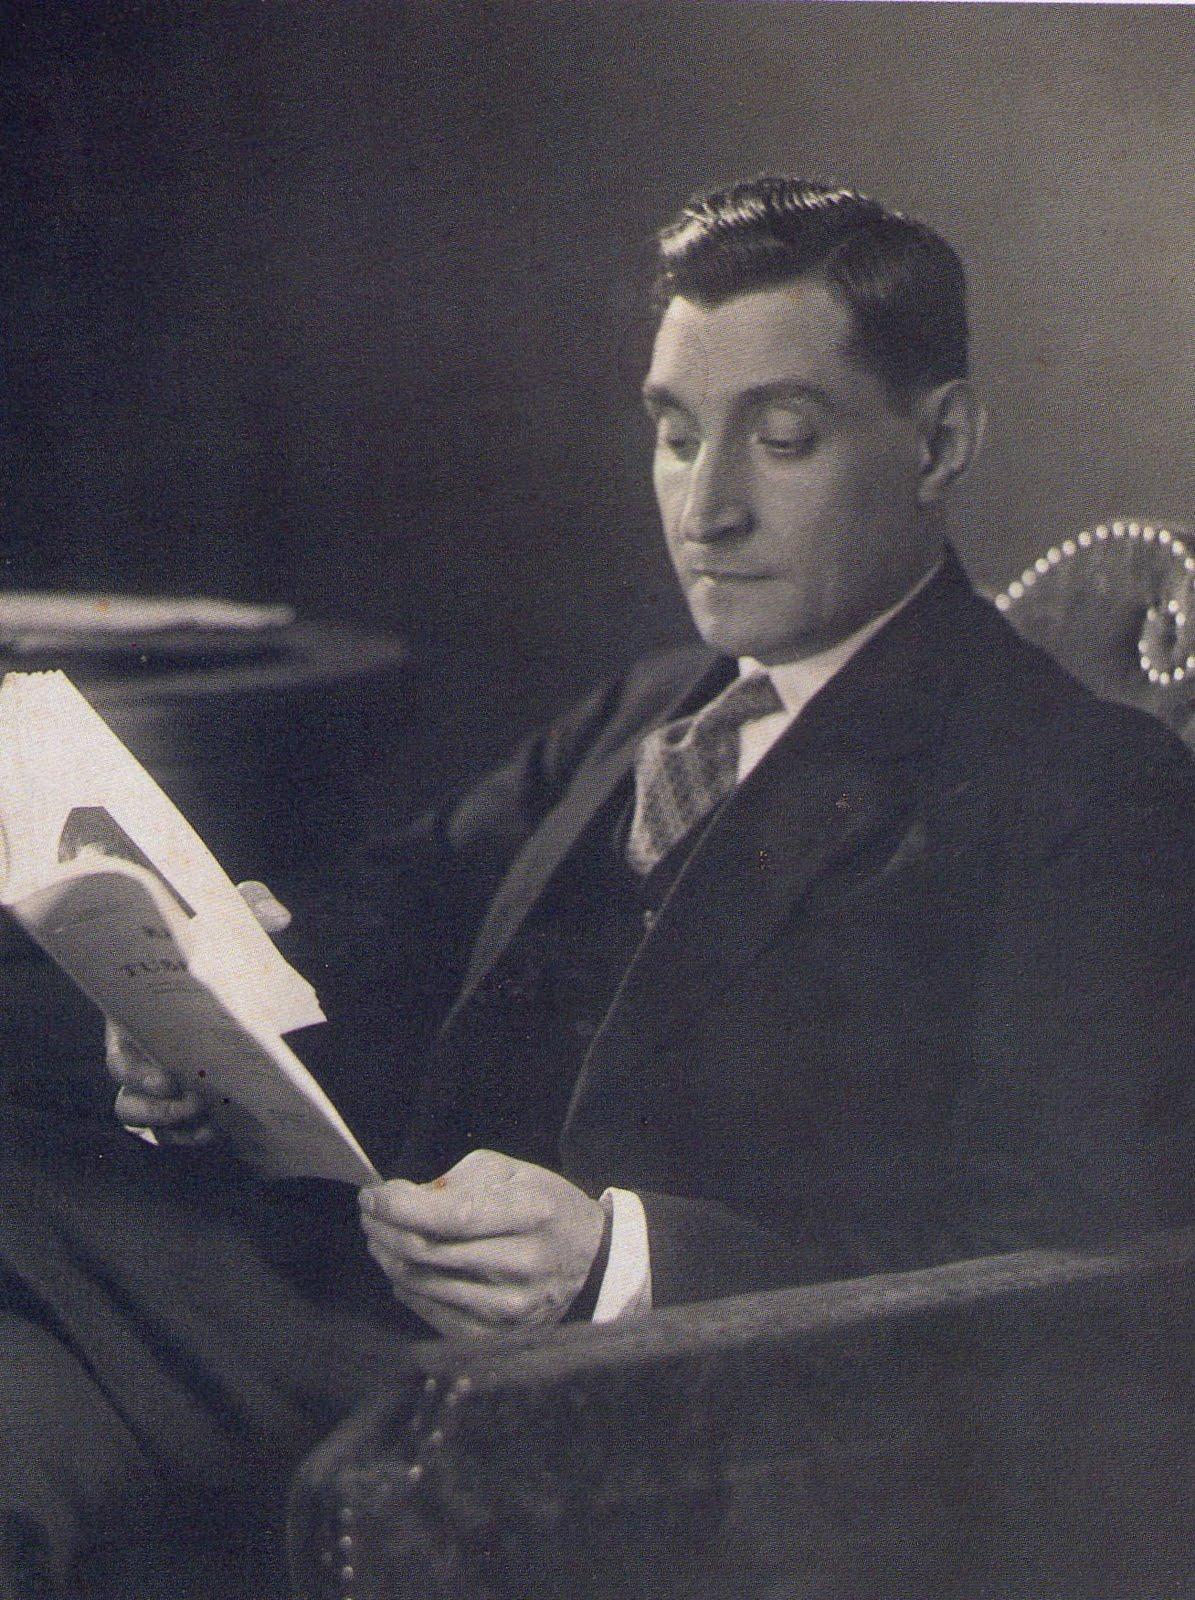 Fotografía en blanco y negro de António de Oliveira Salazar leyendo.